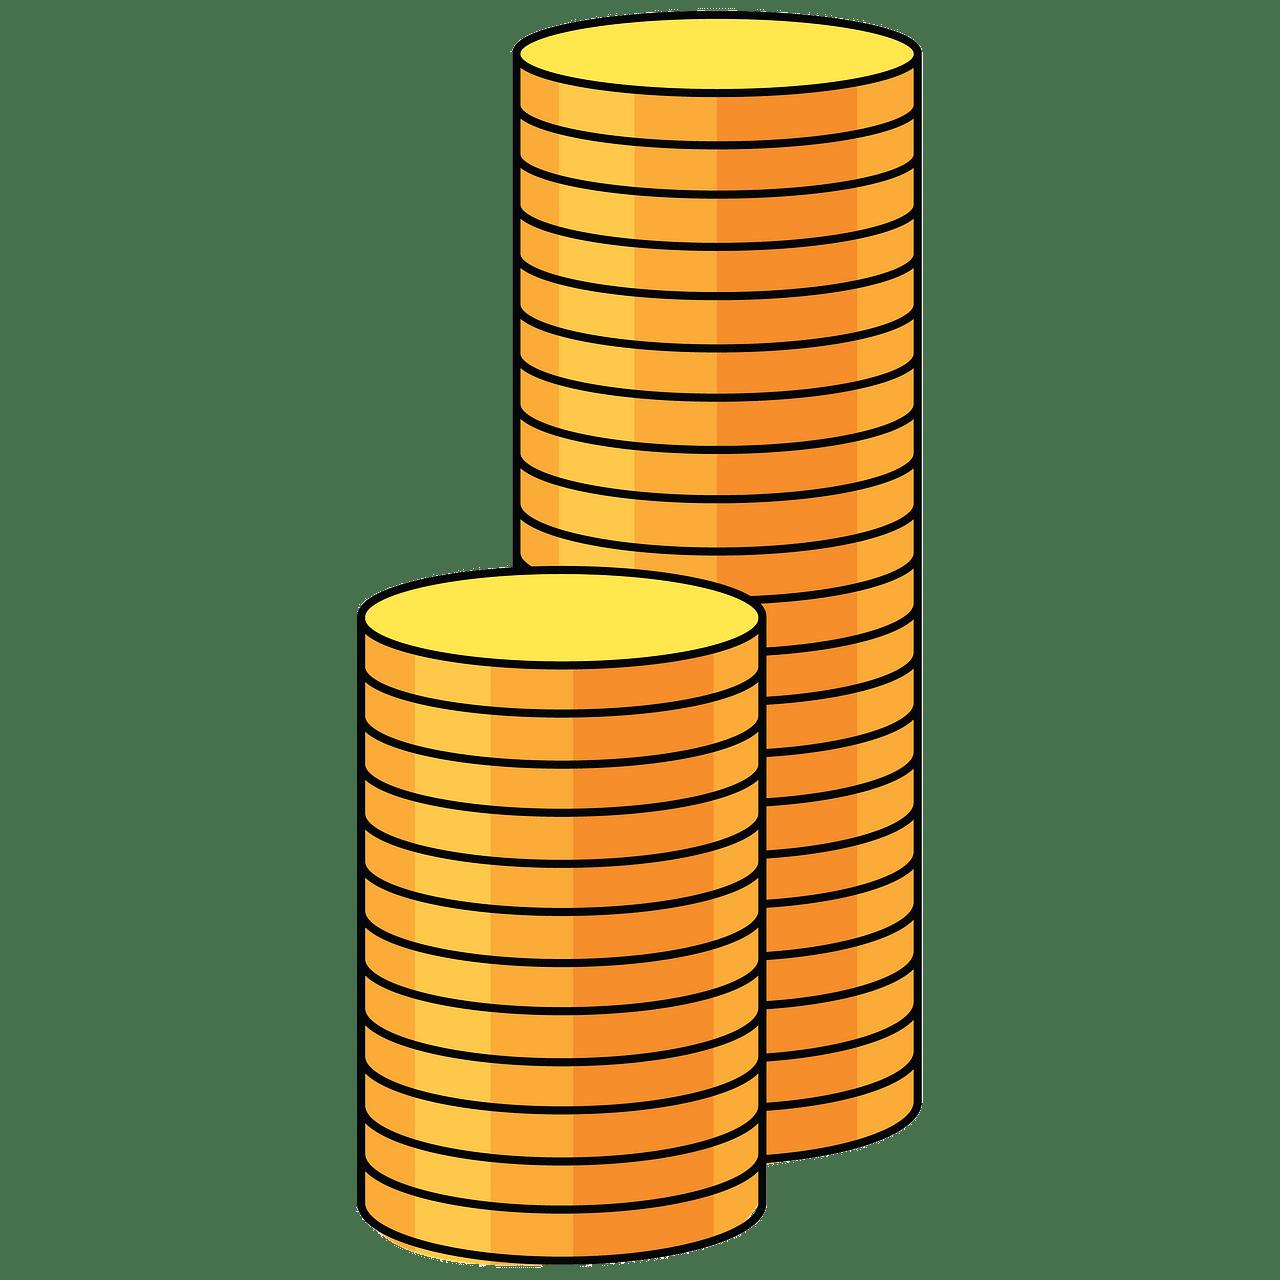 Monedas de oro clipart. Dibujos animados descargar gratis.